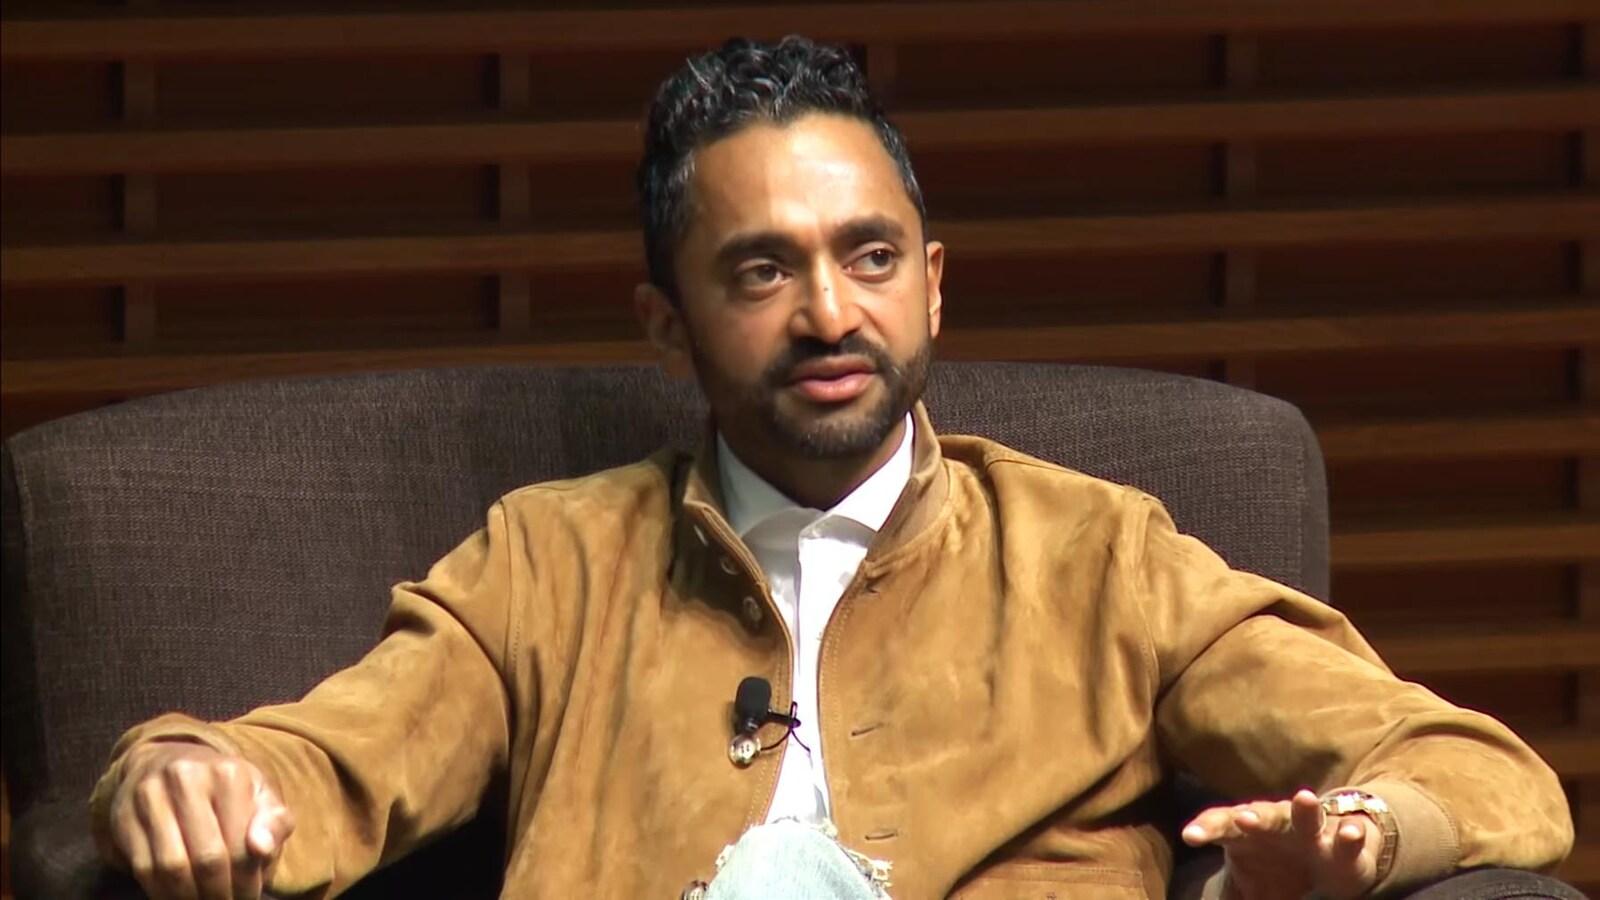 Chamath Palihapitiya, assis dans un fauteuil, est en train de s'adresser à un public hors champ.